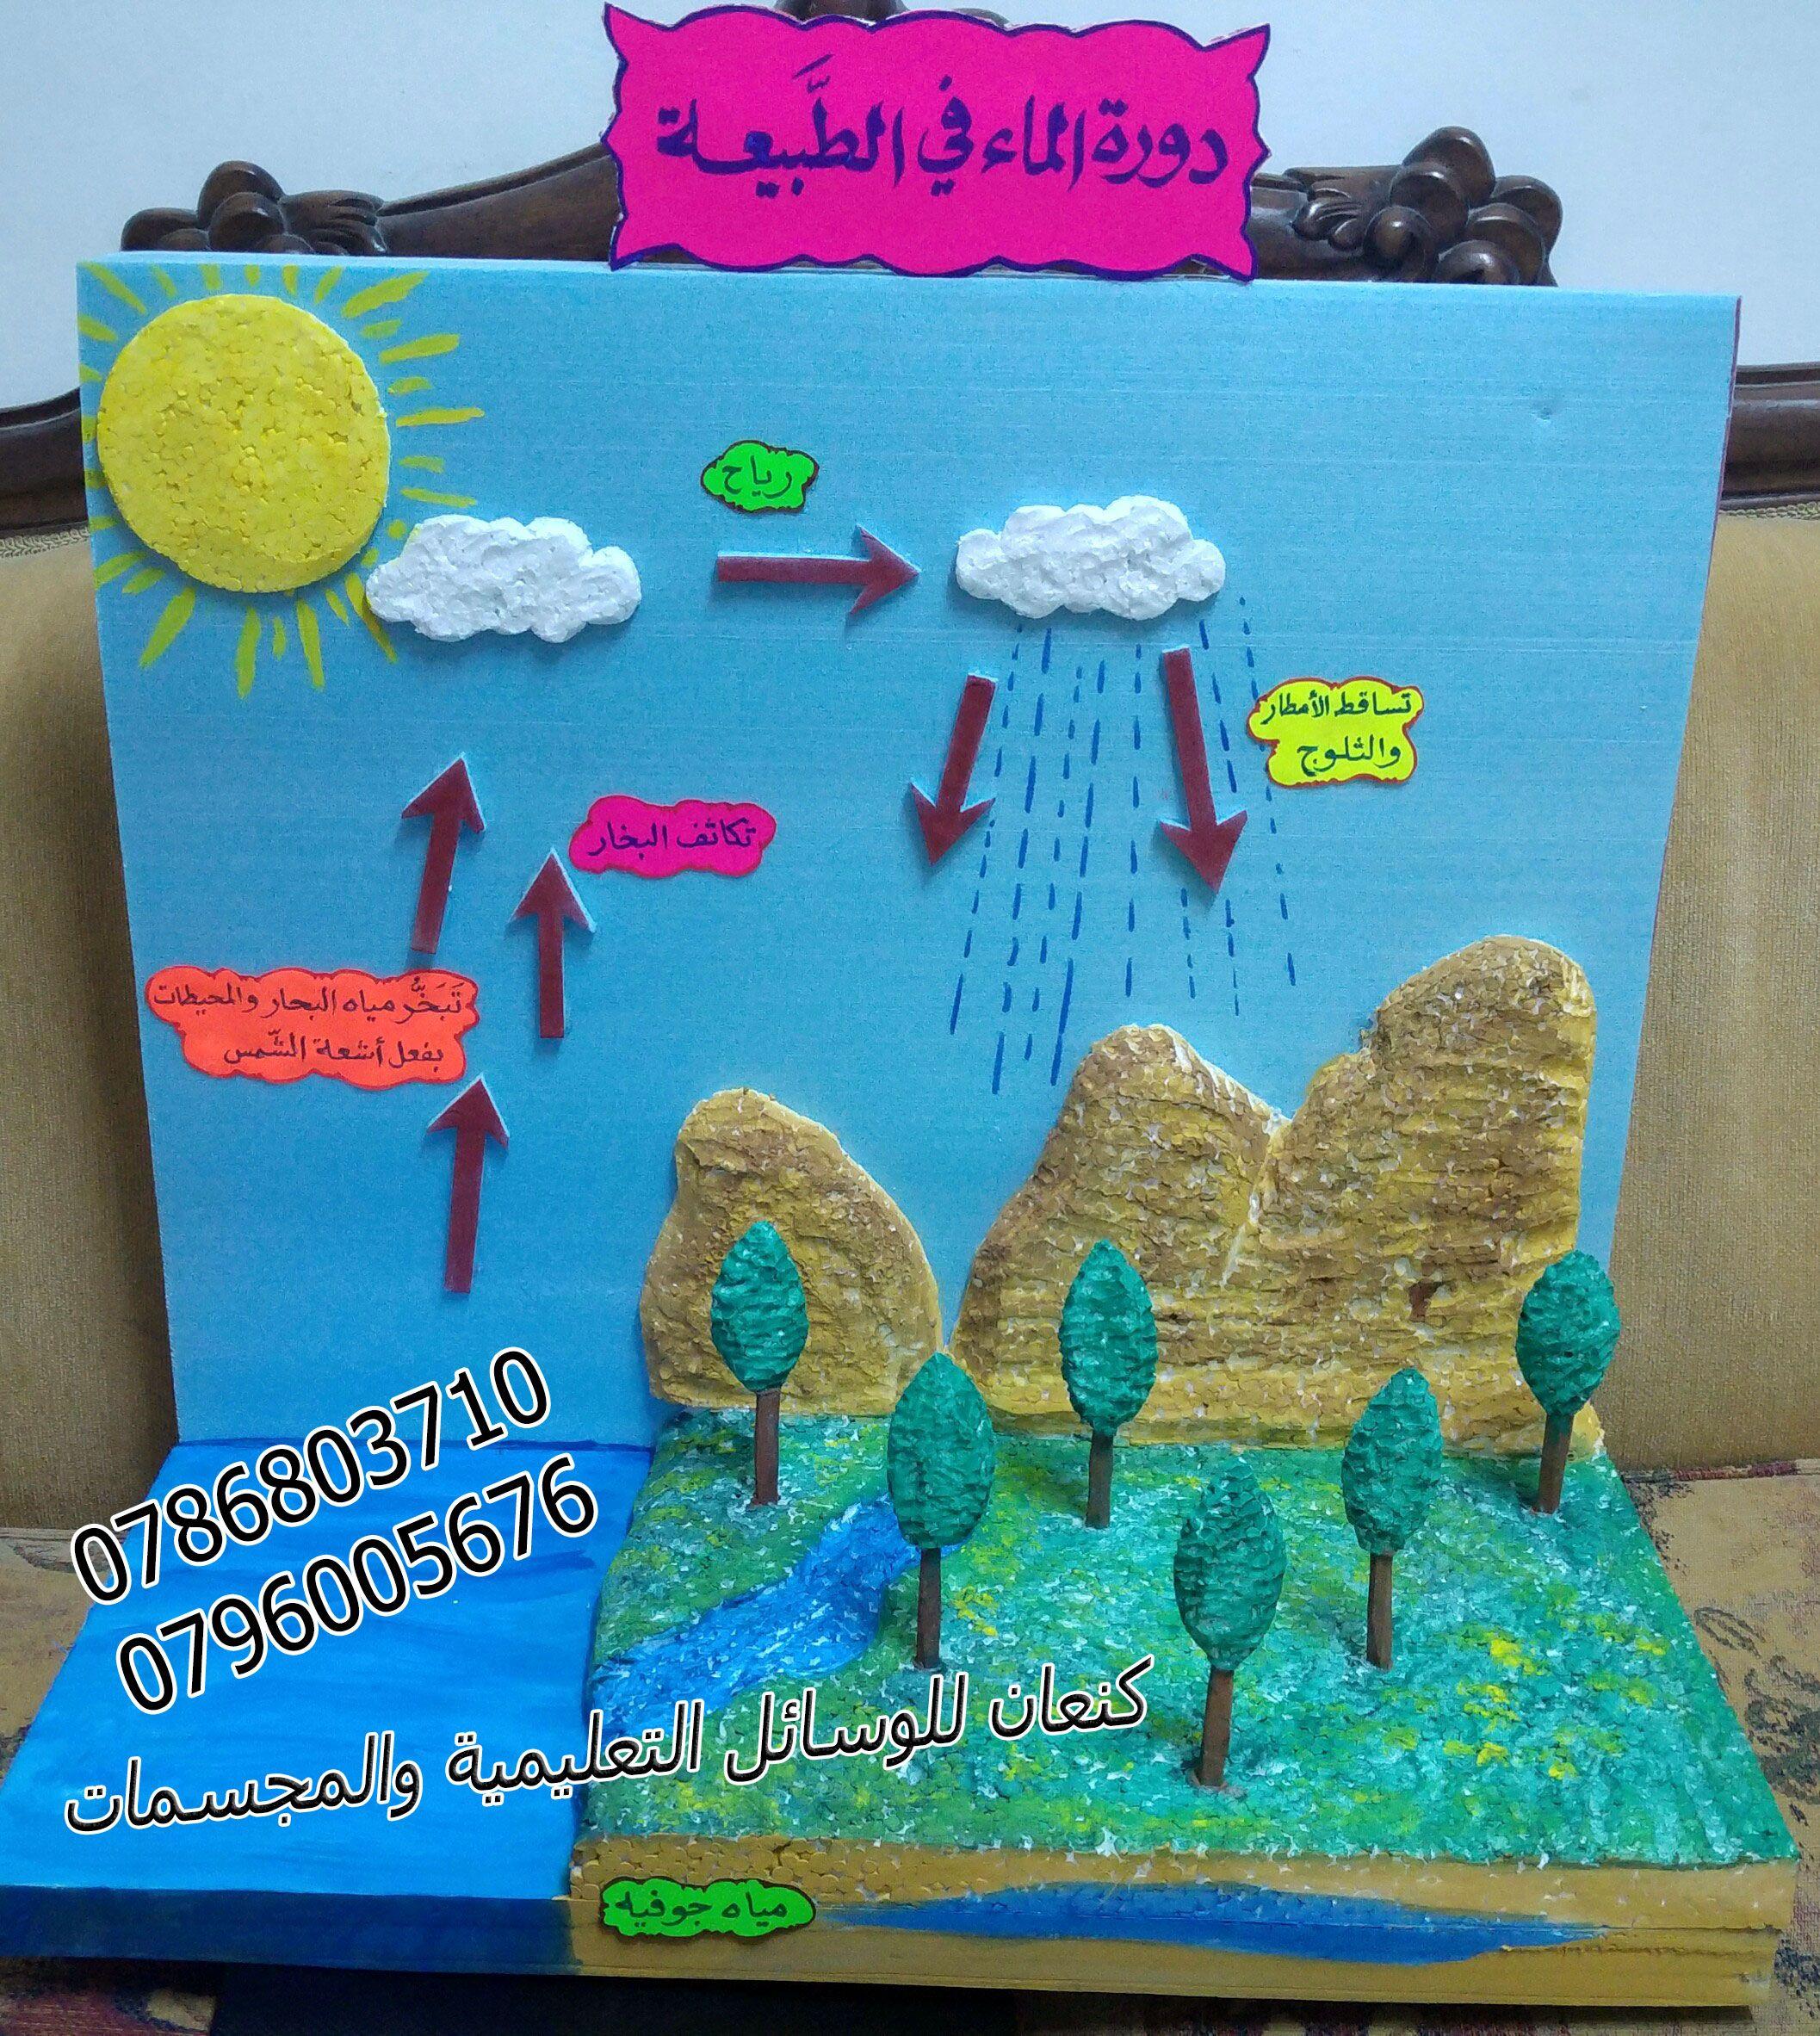 مجسم ثلاثي الابعاد عن دورة الماء في الطبيعة Childrens Crafts Crafts For Kids Kids Education